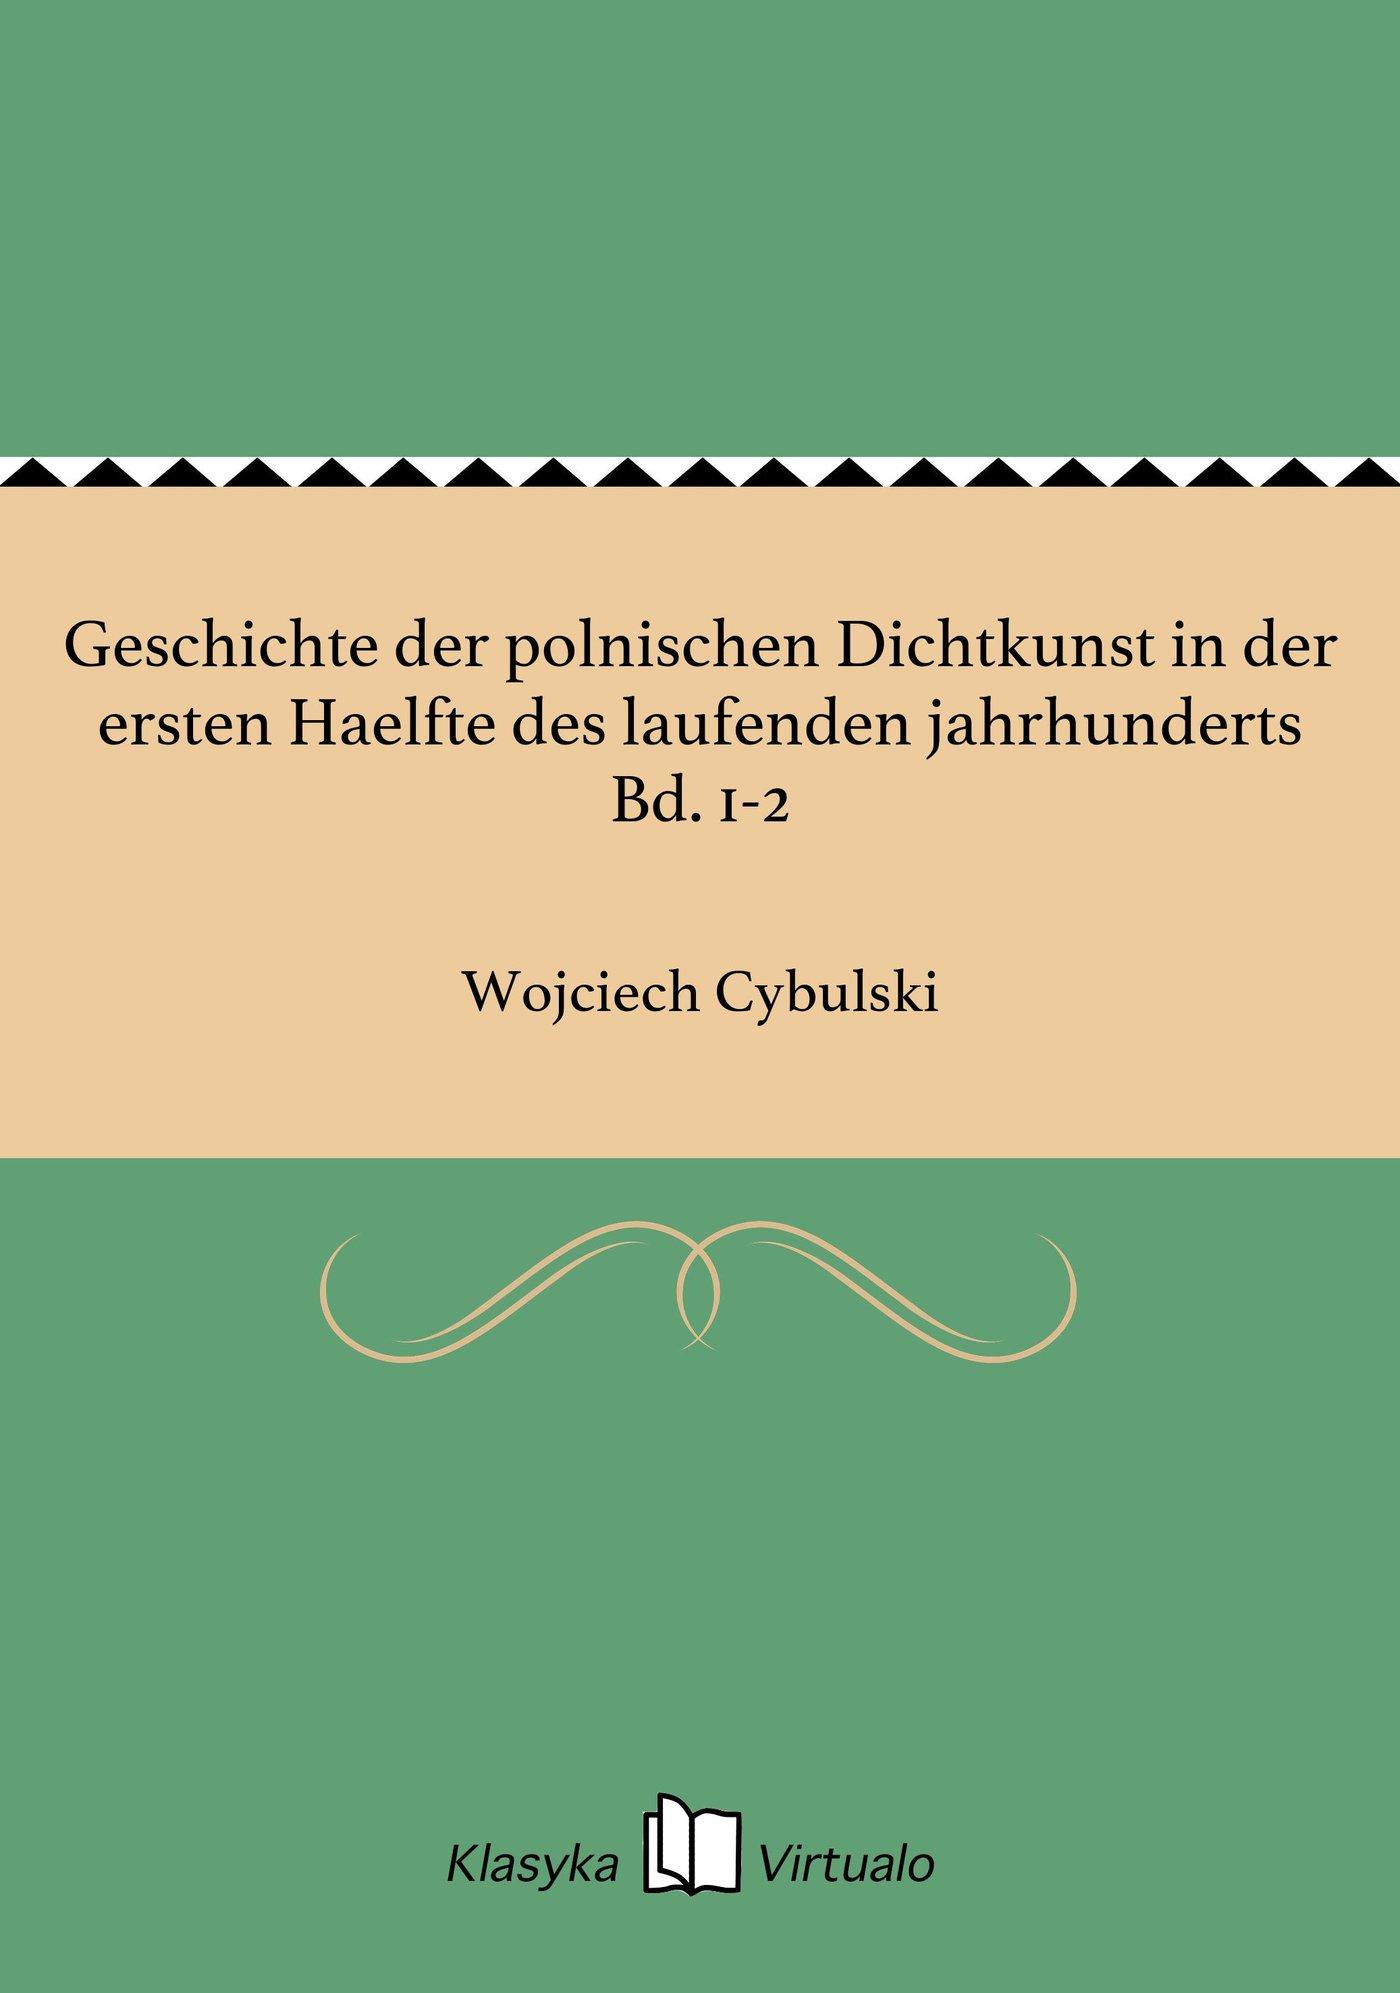 Geschichte der polnischen Dichtkunst in der ersten Haelfte des laufenden jahrhunderts Bd. 1-2 - Ebook (Książka EPUB) do pobrania w formacie EPUB